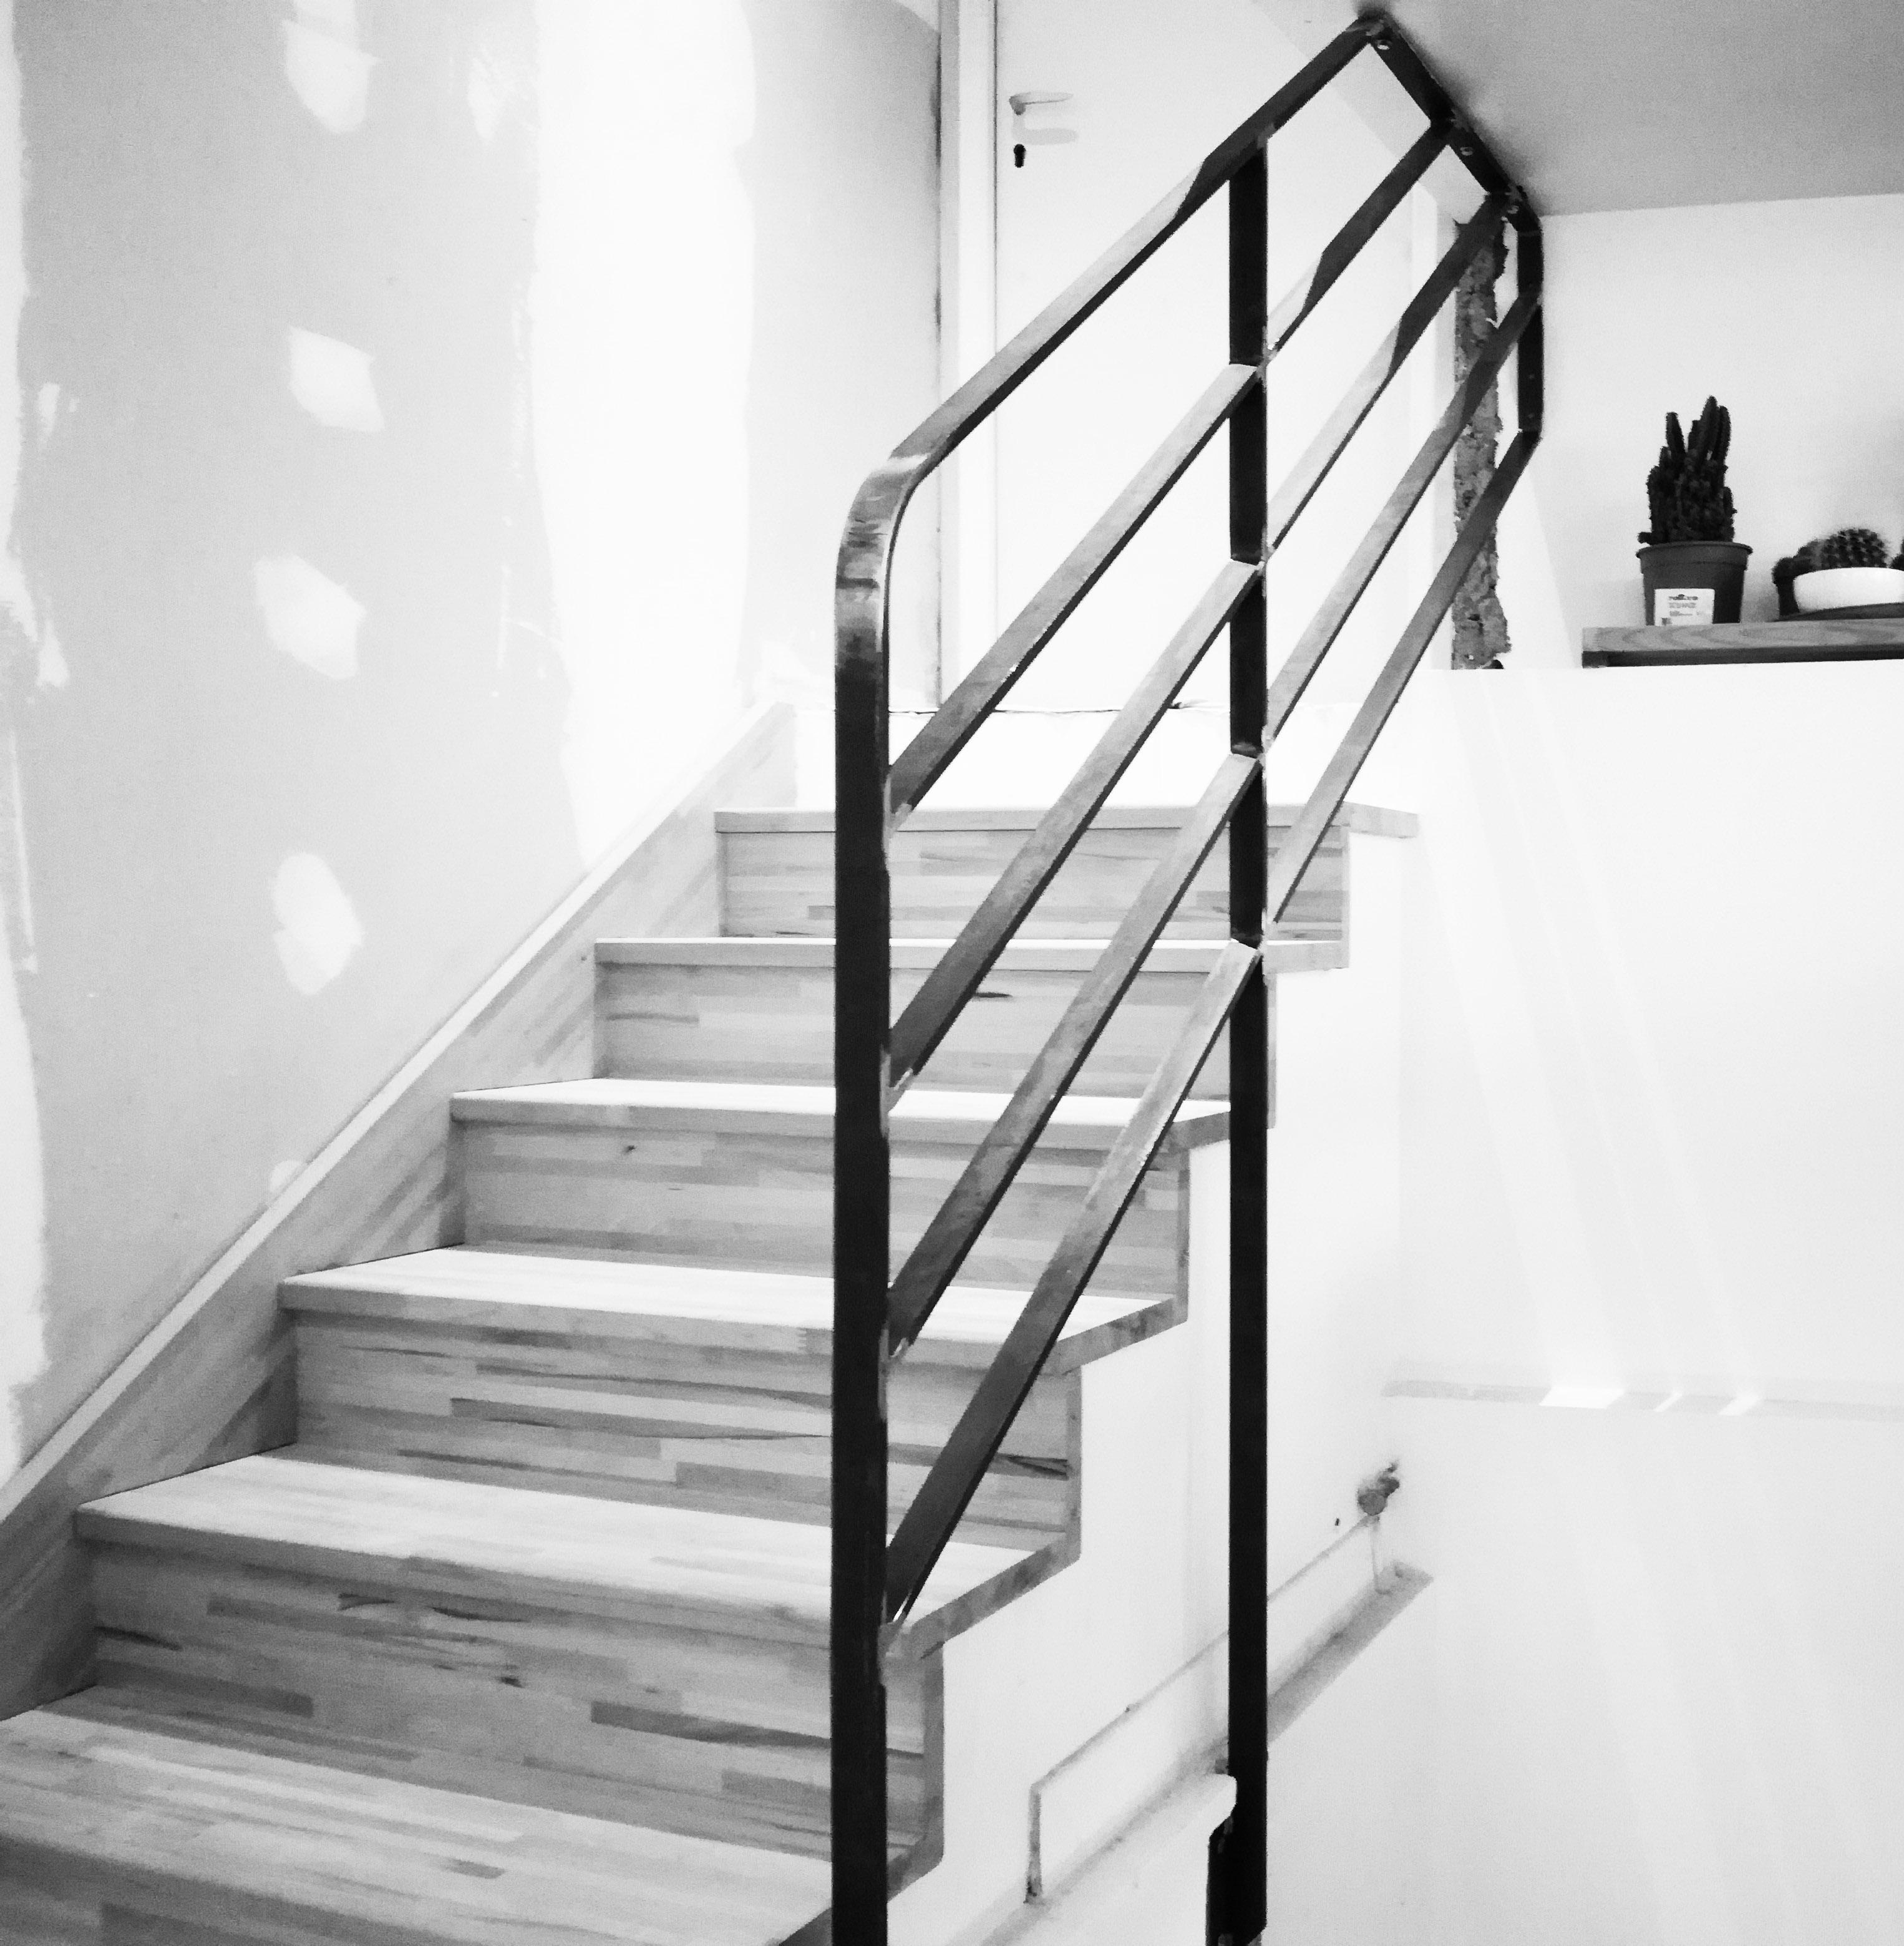 Garde-corps pour sécuriser un escalier